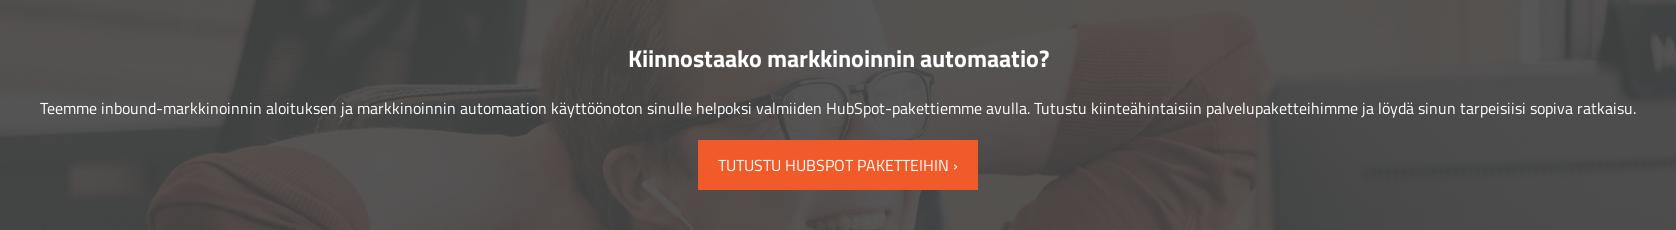 Kiinnostaako markkinoinnin automaatio?  Teemme inbound-markkinoinnin aloituksen ja markkinoinnin automaation  käyttöönoton sinulle helpoksi valmiiden HubSpot-pakettiemme avulla. Tutustu  kiinteähintaisiin palvelupaketteihimme ja löydä sinun tarpeisiisi sopiva  ratkaisu. Tutustu HubSpot paketteihin